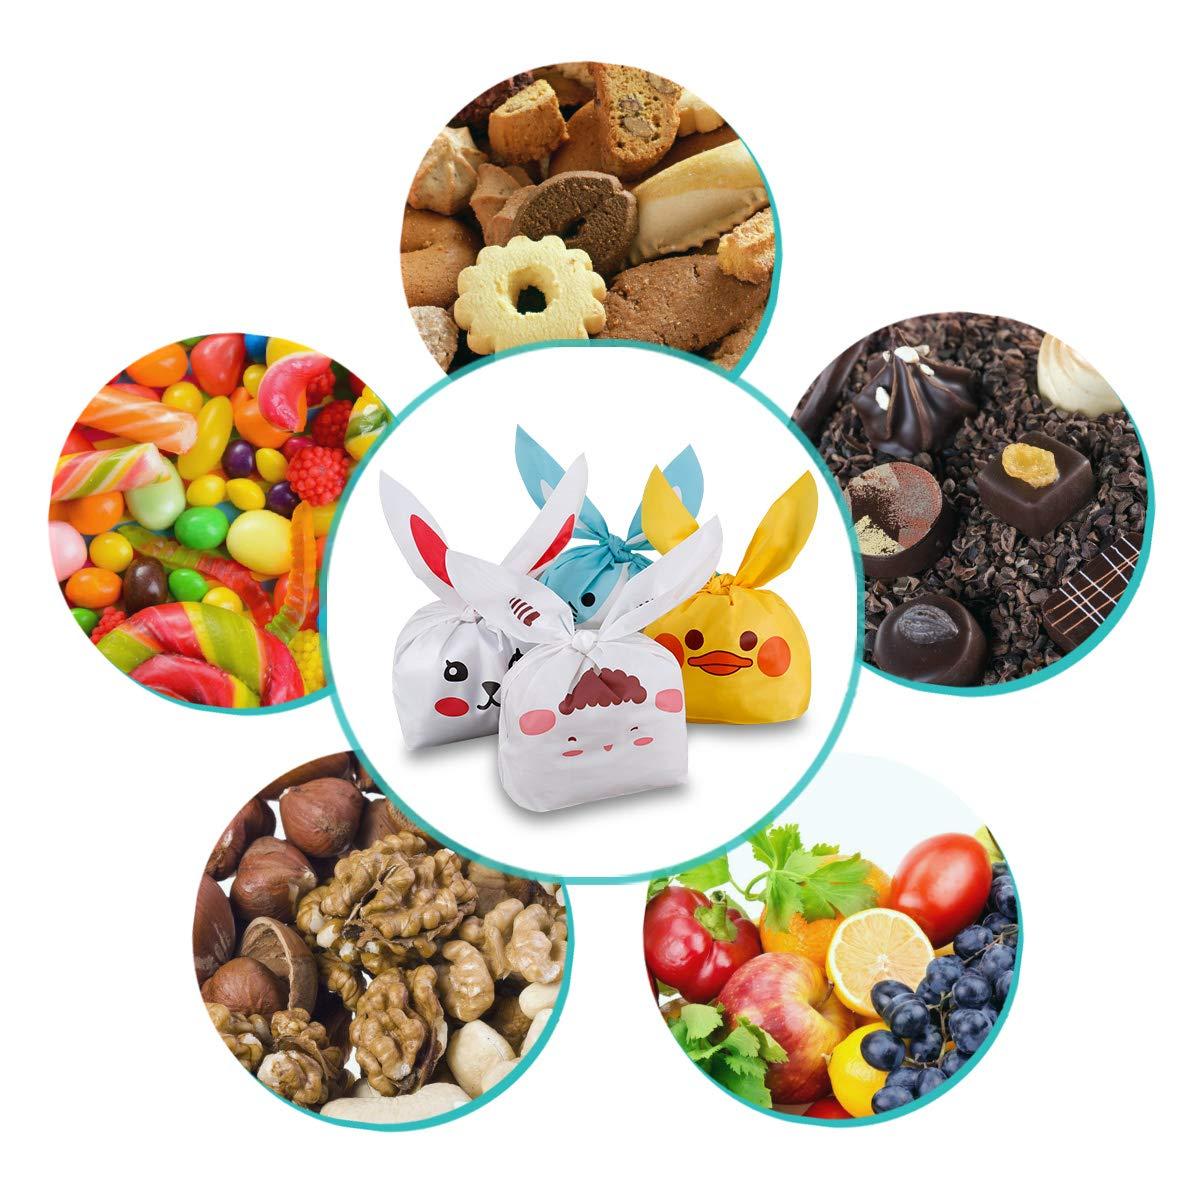 Sachet Bonbons,60pcs Motif Sac Pochette Sachet Bonbons Anniversaire,Mignons Oreilles de Lapin Sacs Forme Alimentaire Biscuits Bonbons Sachets